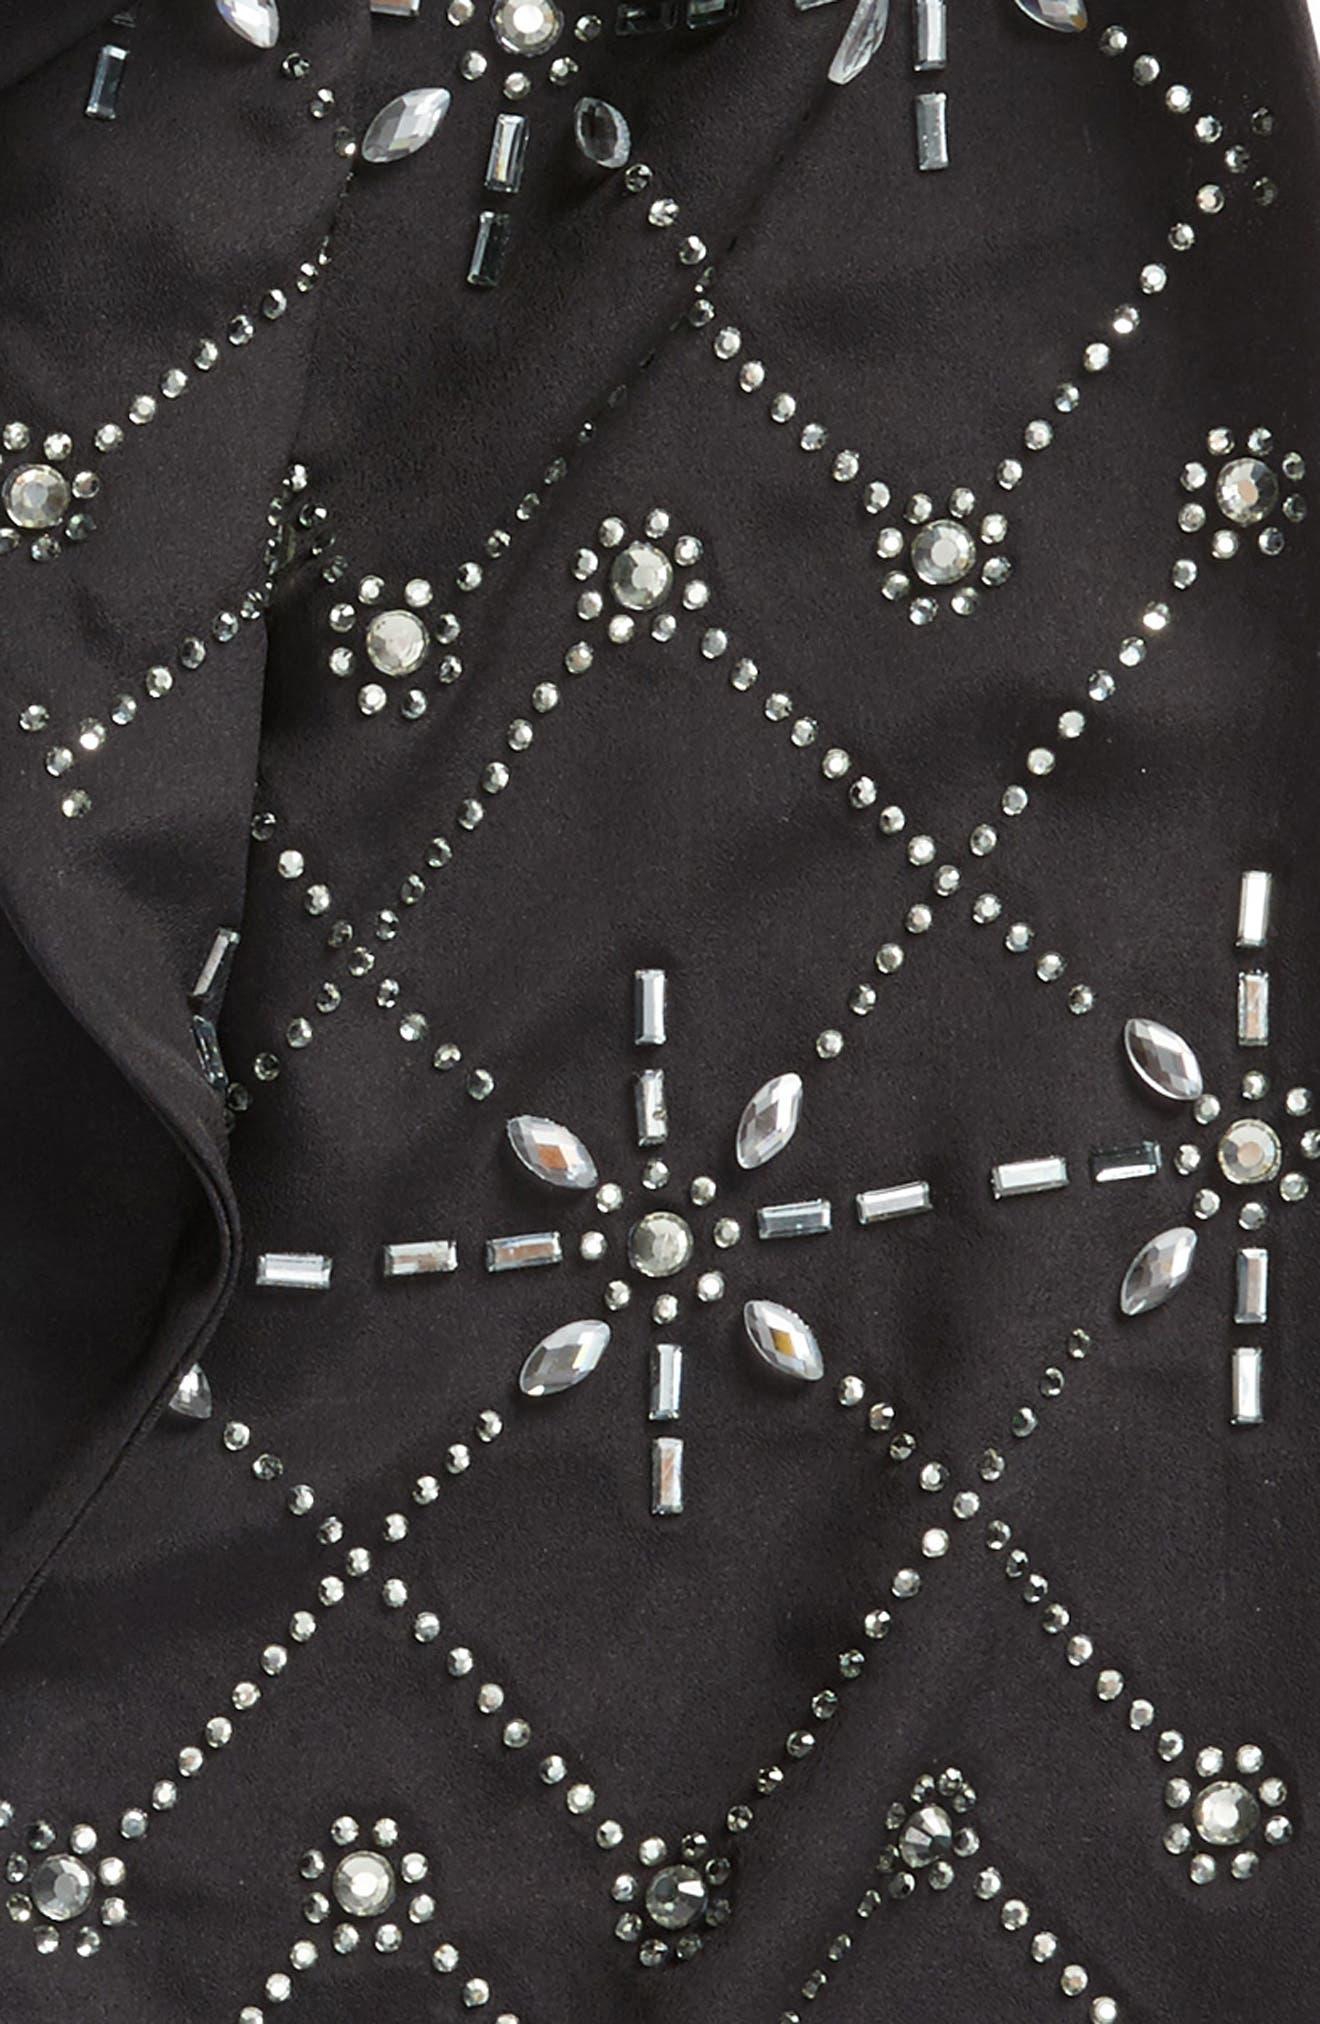 Hot Fix Embellished Skinny Scarf,                             Alternate thumbnail 4, color,                             00-Black